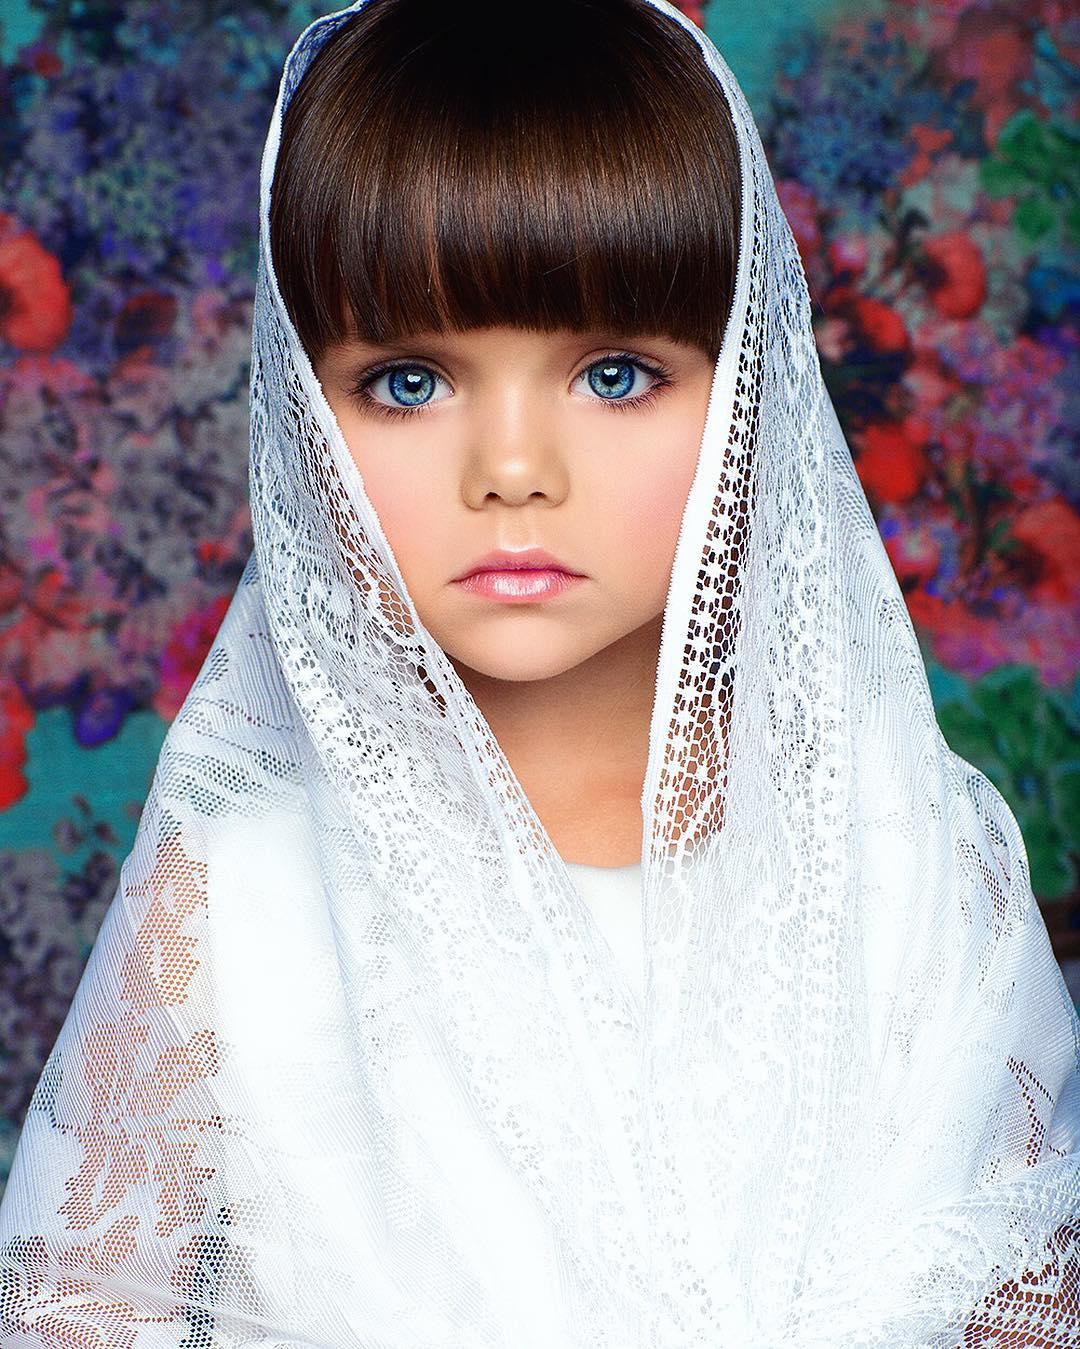 Самые красивые малыши в мире картинки